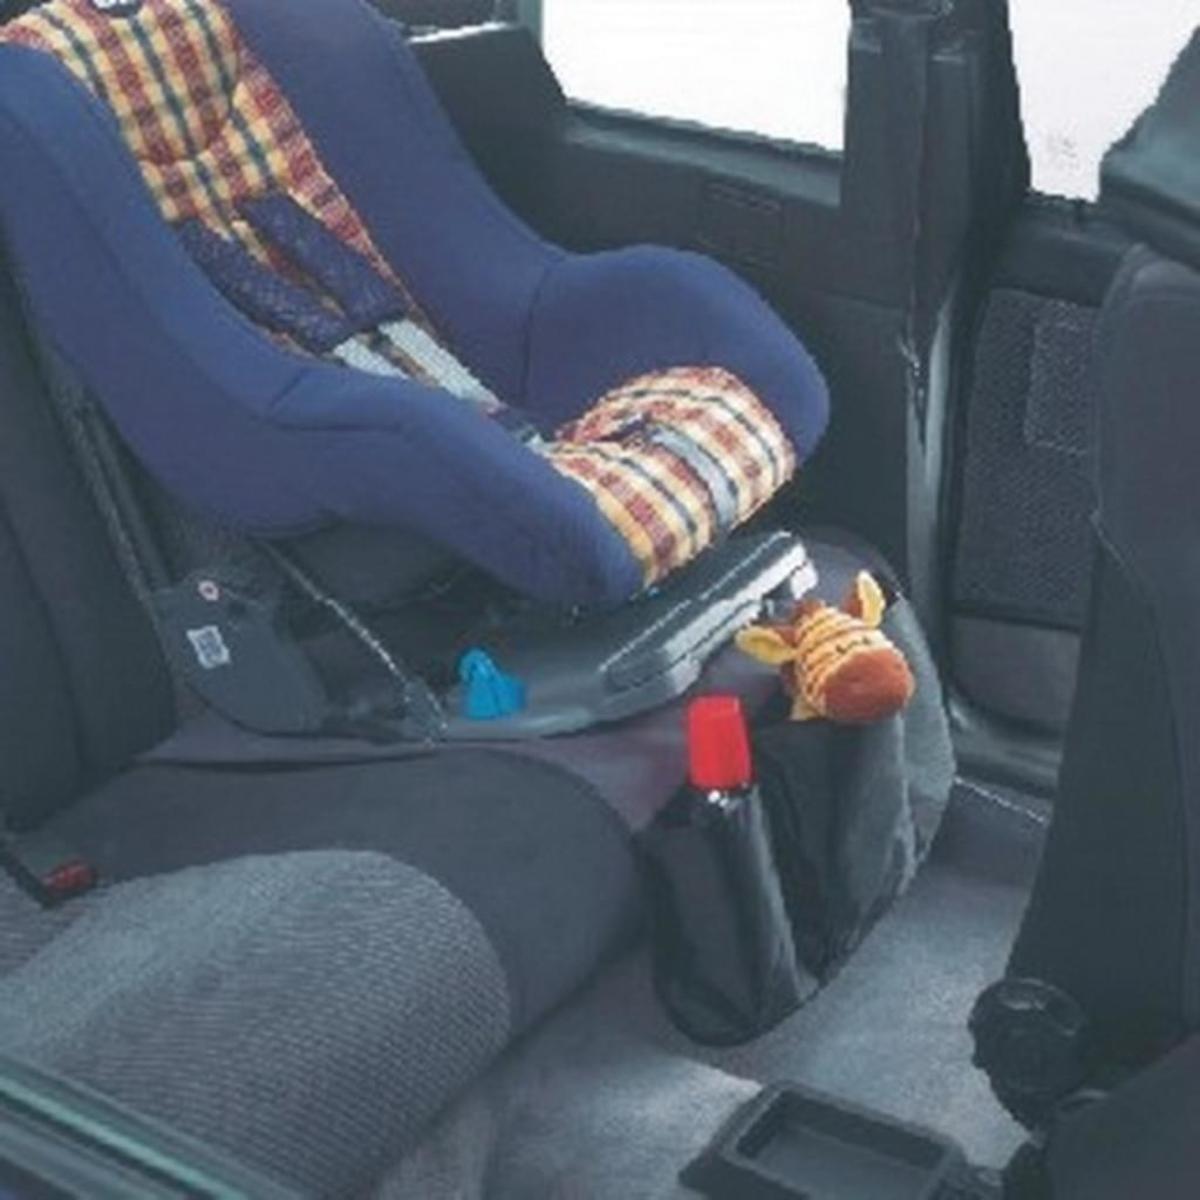 Bild 2 von Schutzu.lage f. K.autositz